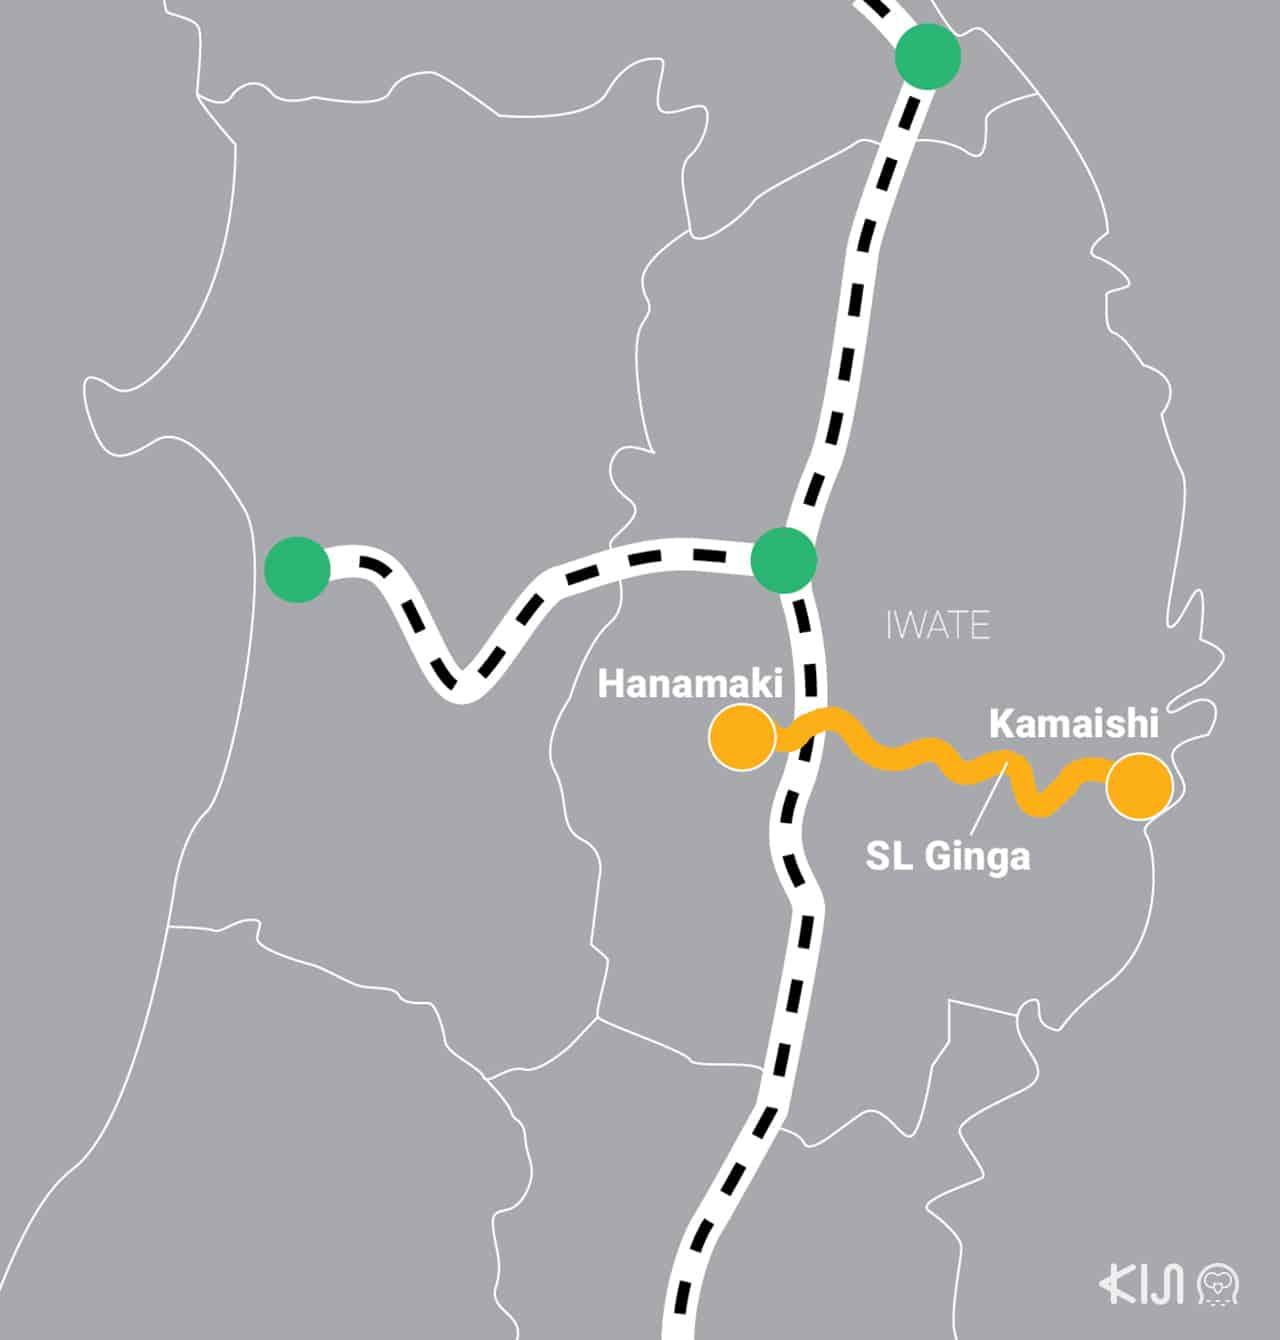 เส้นทางการเดินทางของรถไฟ SL Ginga